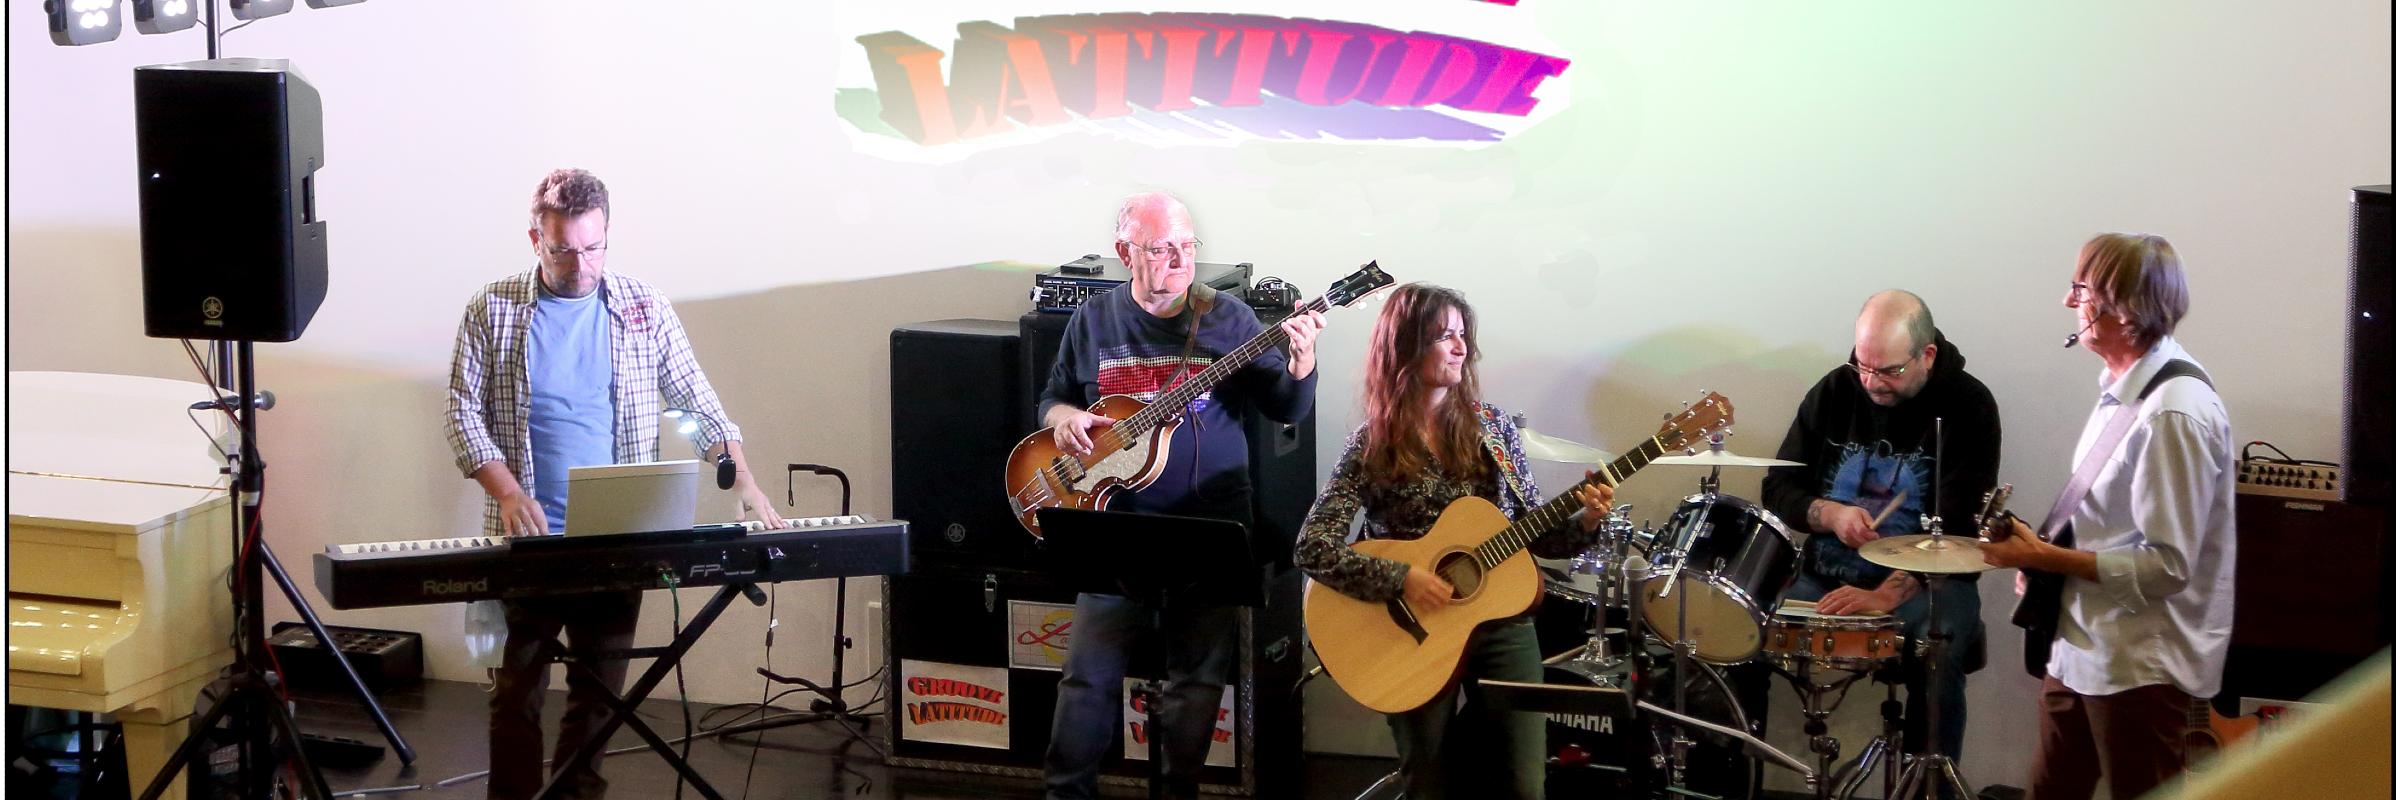 GROOVE LATITUDE, groupe de musique Rock en représentation à Côte d'Or - photo de couverture n° 3